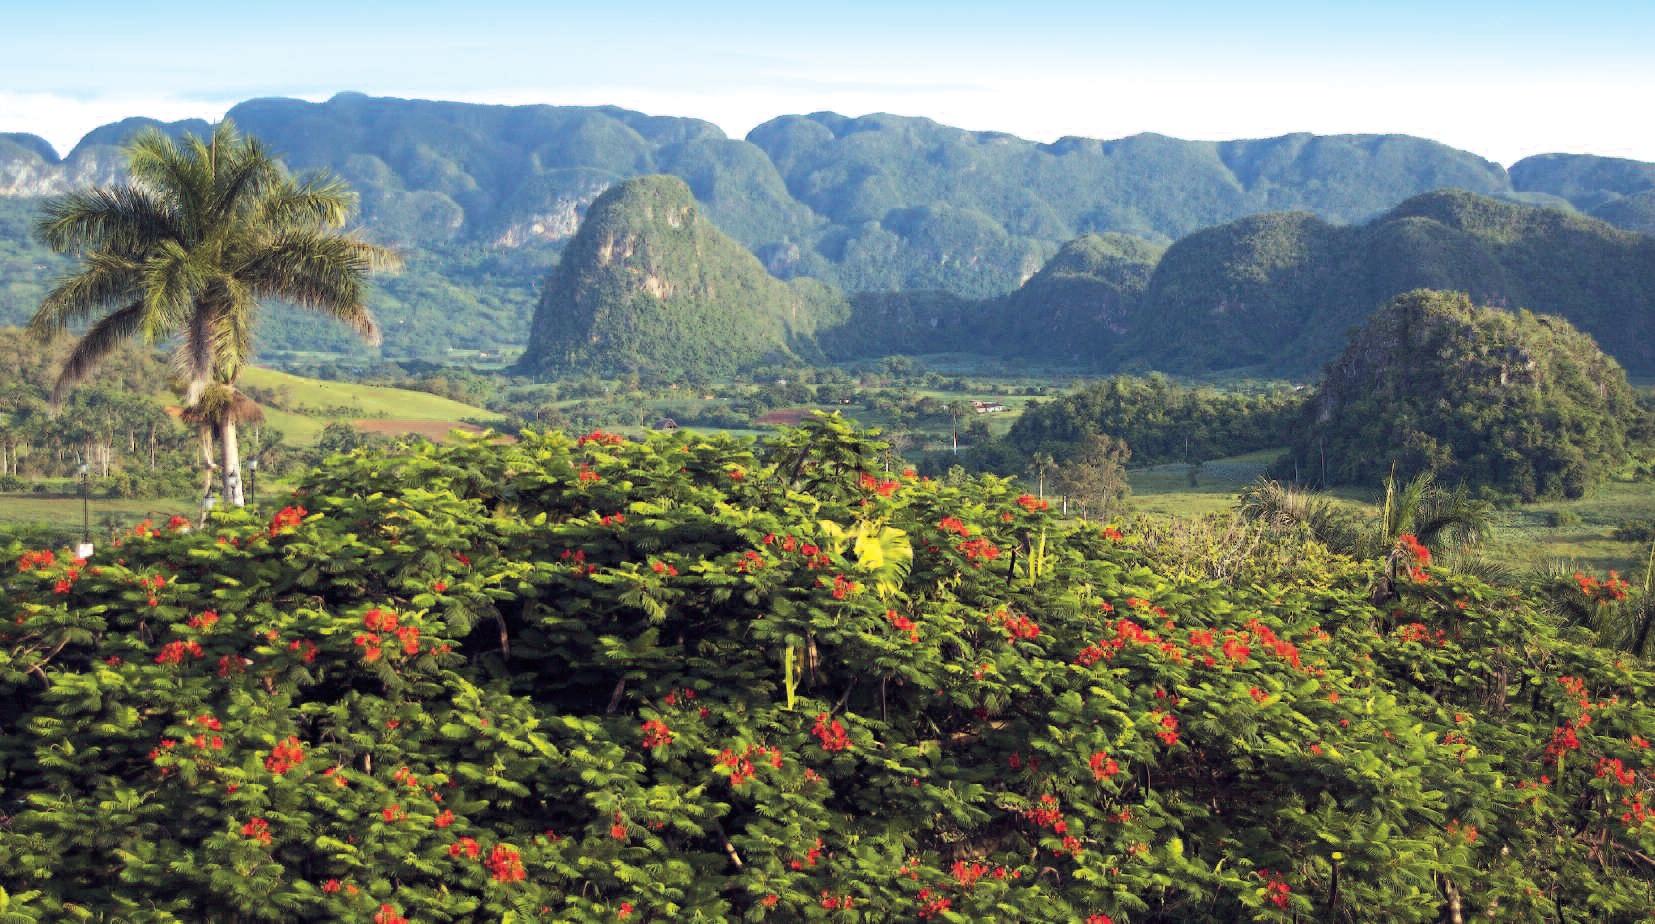 Pod pojmem Kuba si představíme buď Havanu, nebo pláže. Úžasně ale vypadá i vnitrozemí.